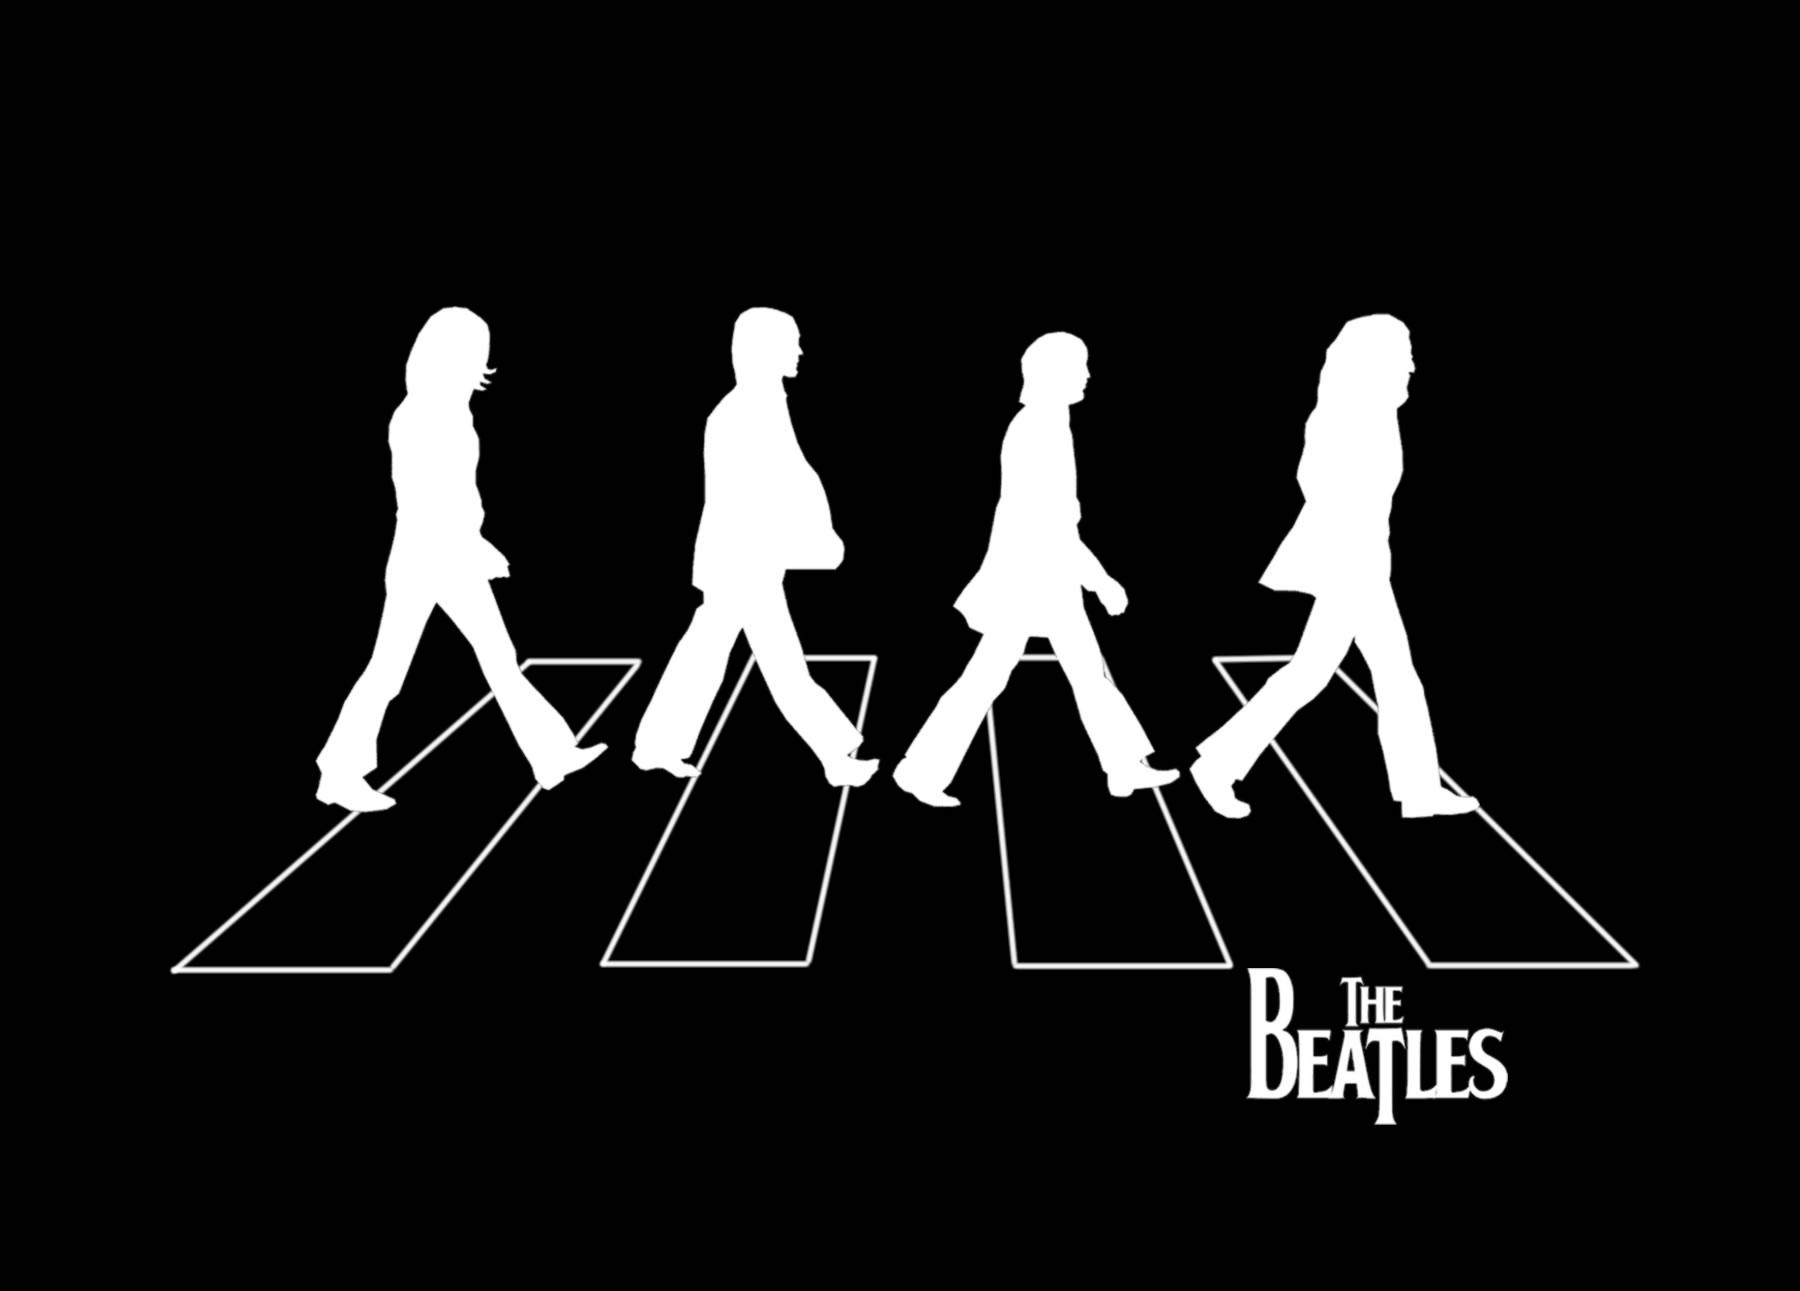 Splendent Abbey Road Beatles Hd Hd Beatles Wallpapers Beatles Wallpaper Iphone 6 Beatles Mobile Wallpaper houzz-03 The Beatles Wallpaper